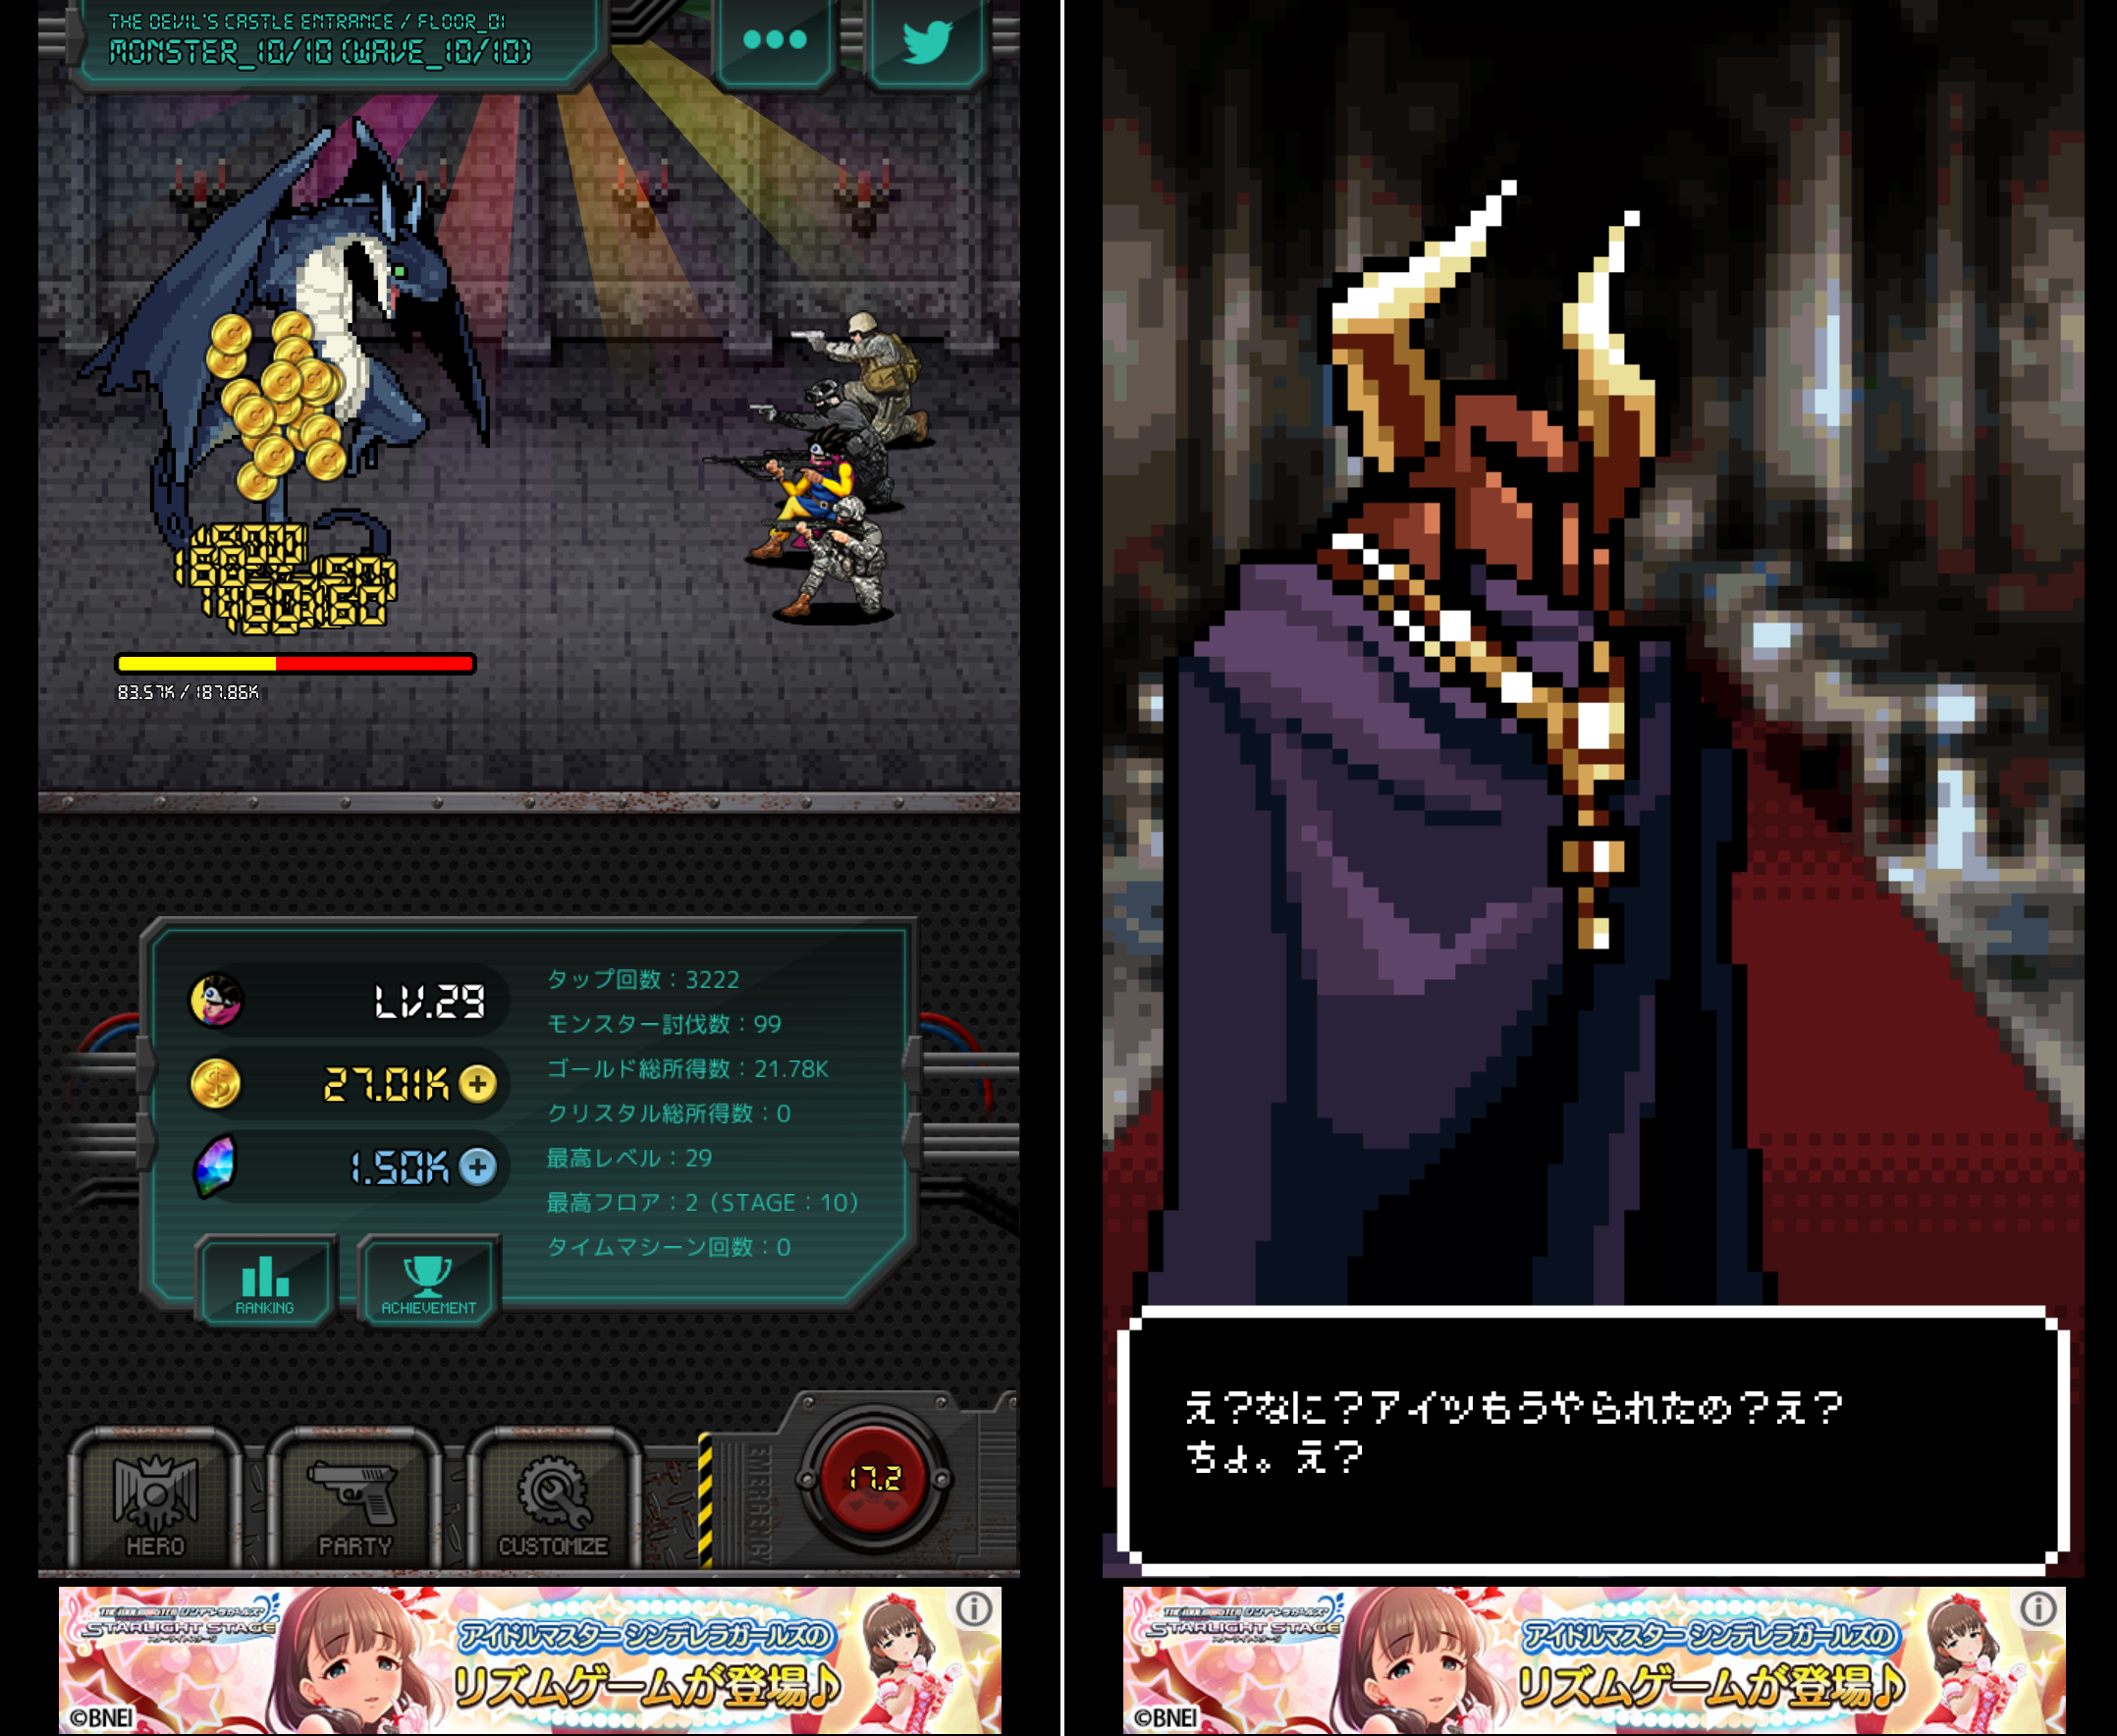 いまどき勇者と8ビット魔王 androidアプリスクリーンショット1